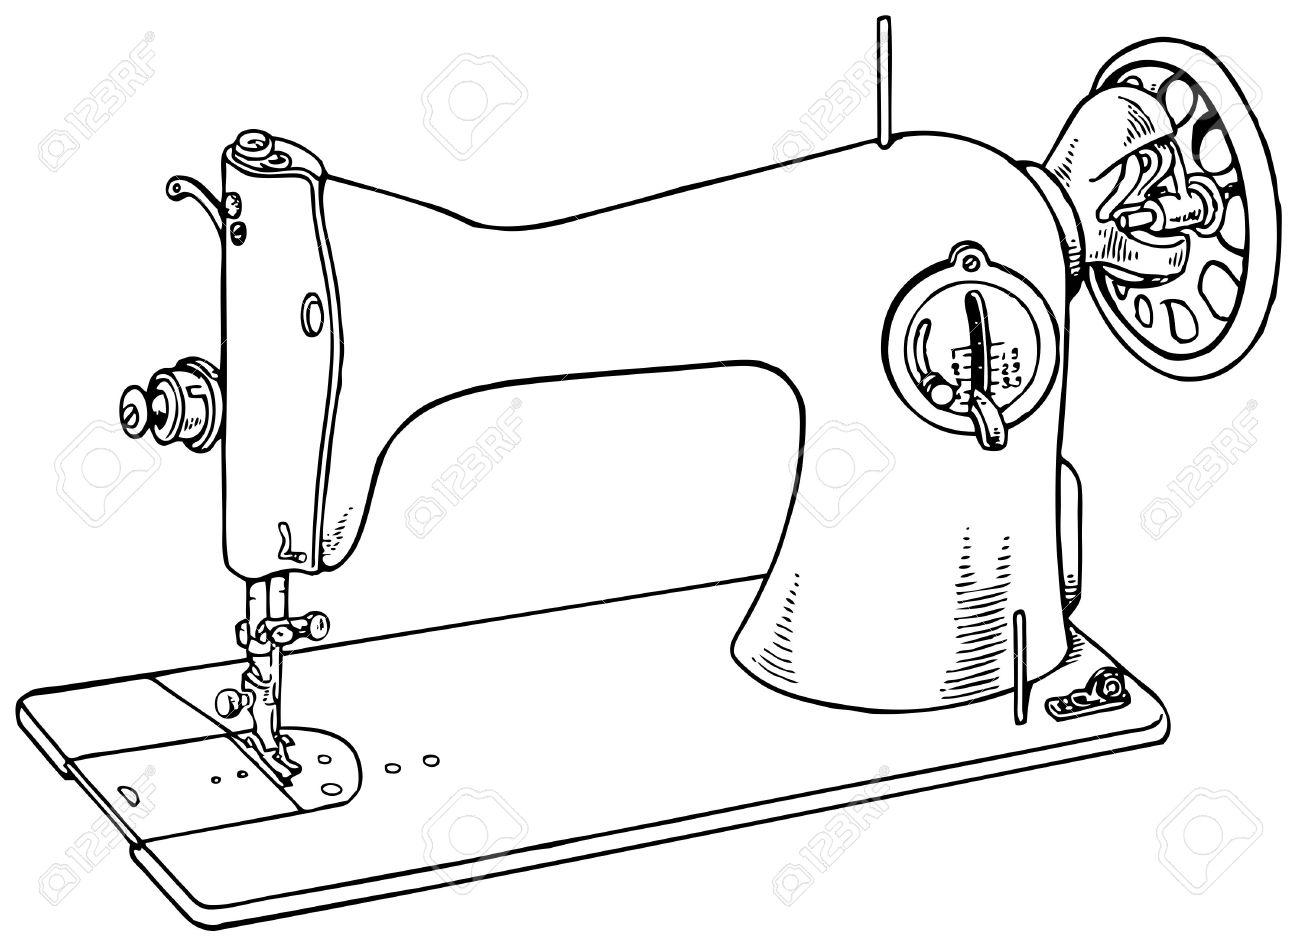 Vintage Sewing Machine Drawing At Getdrawings